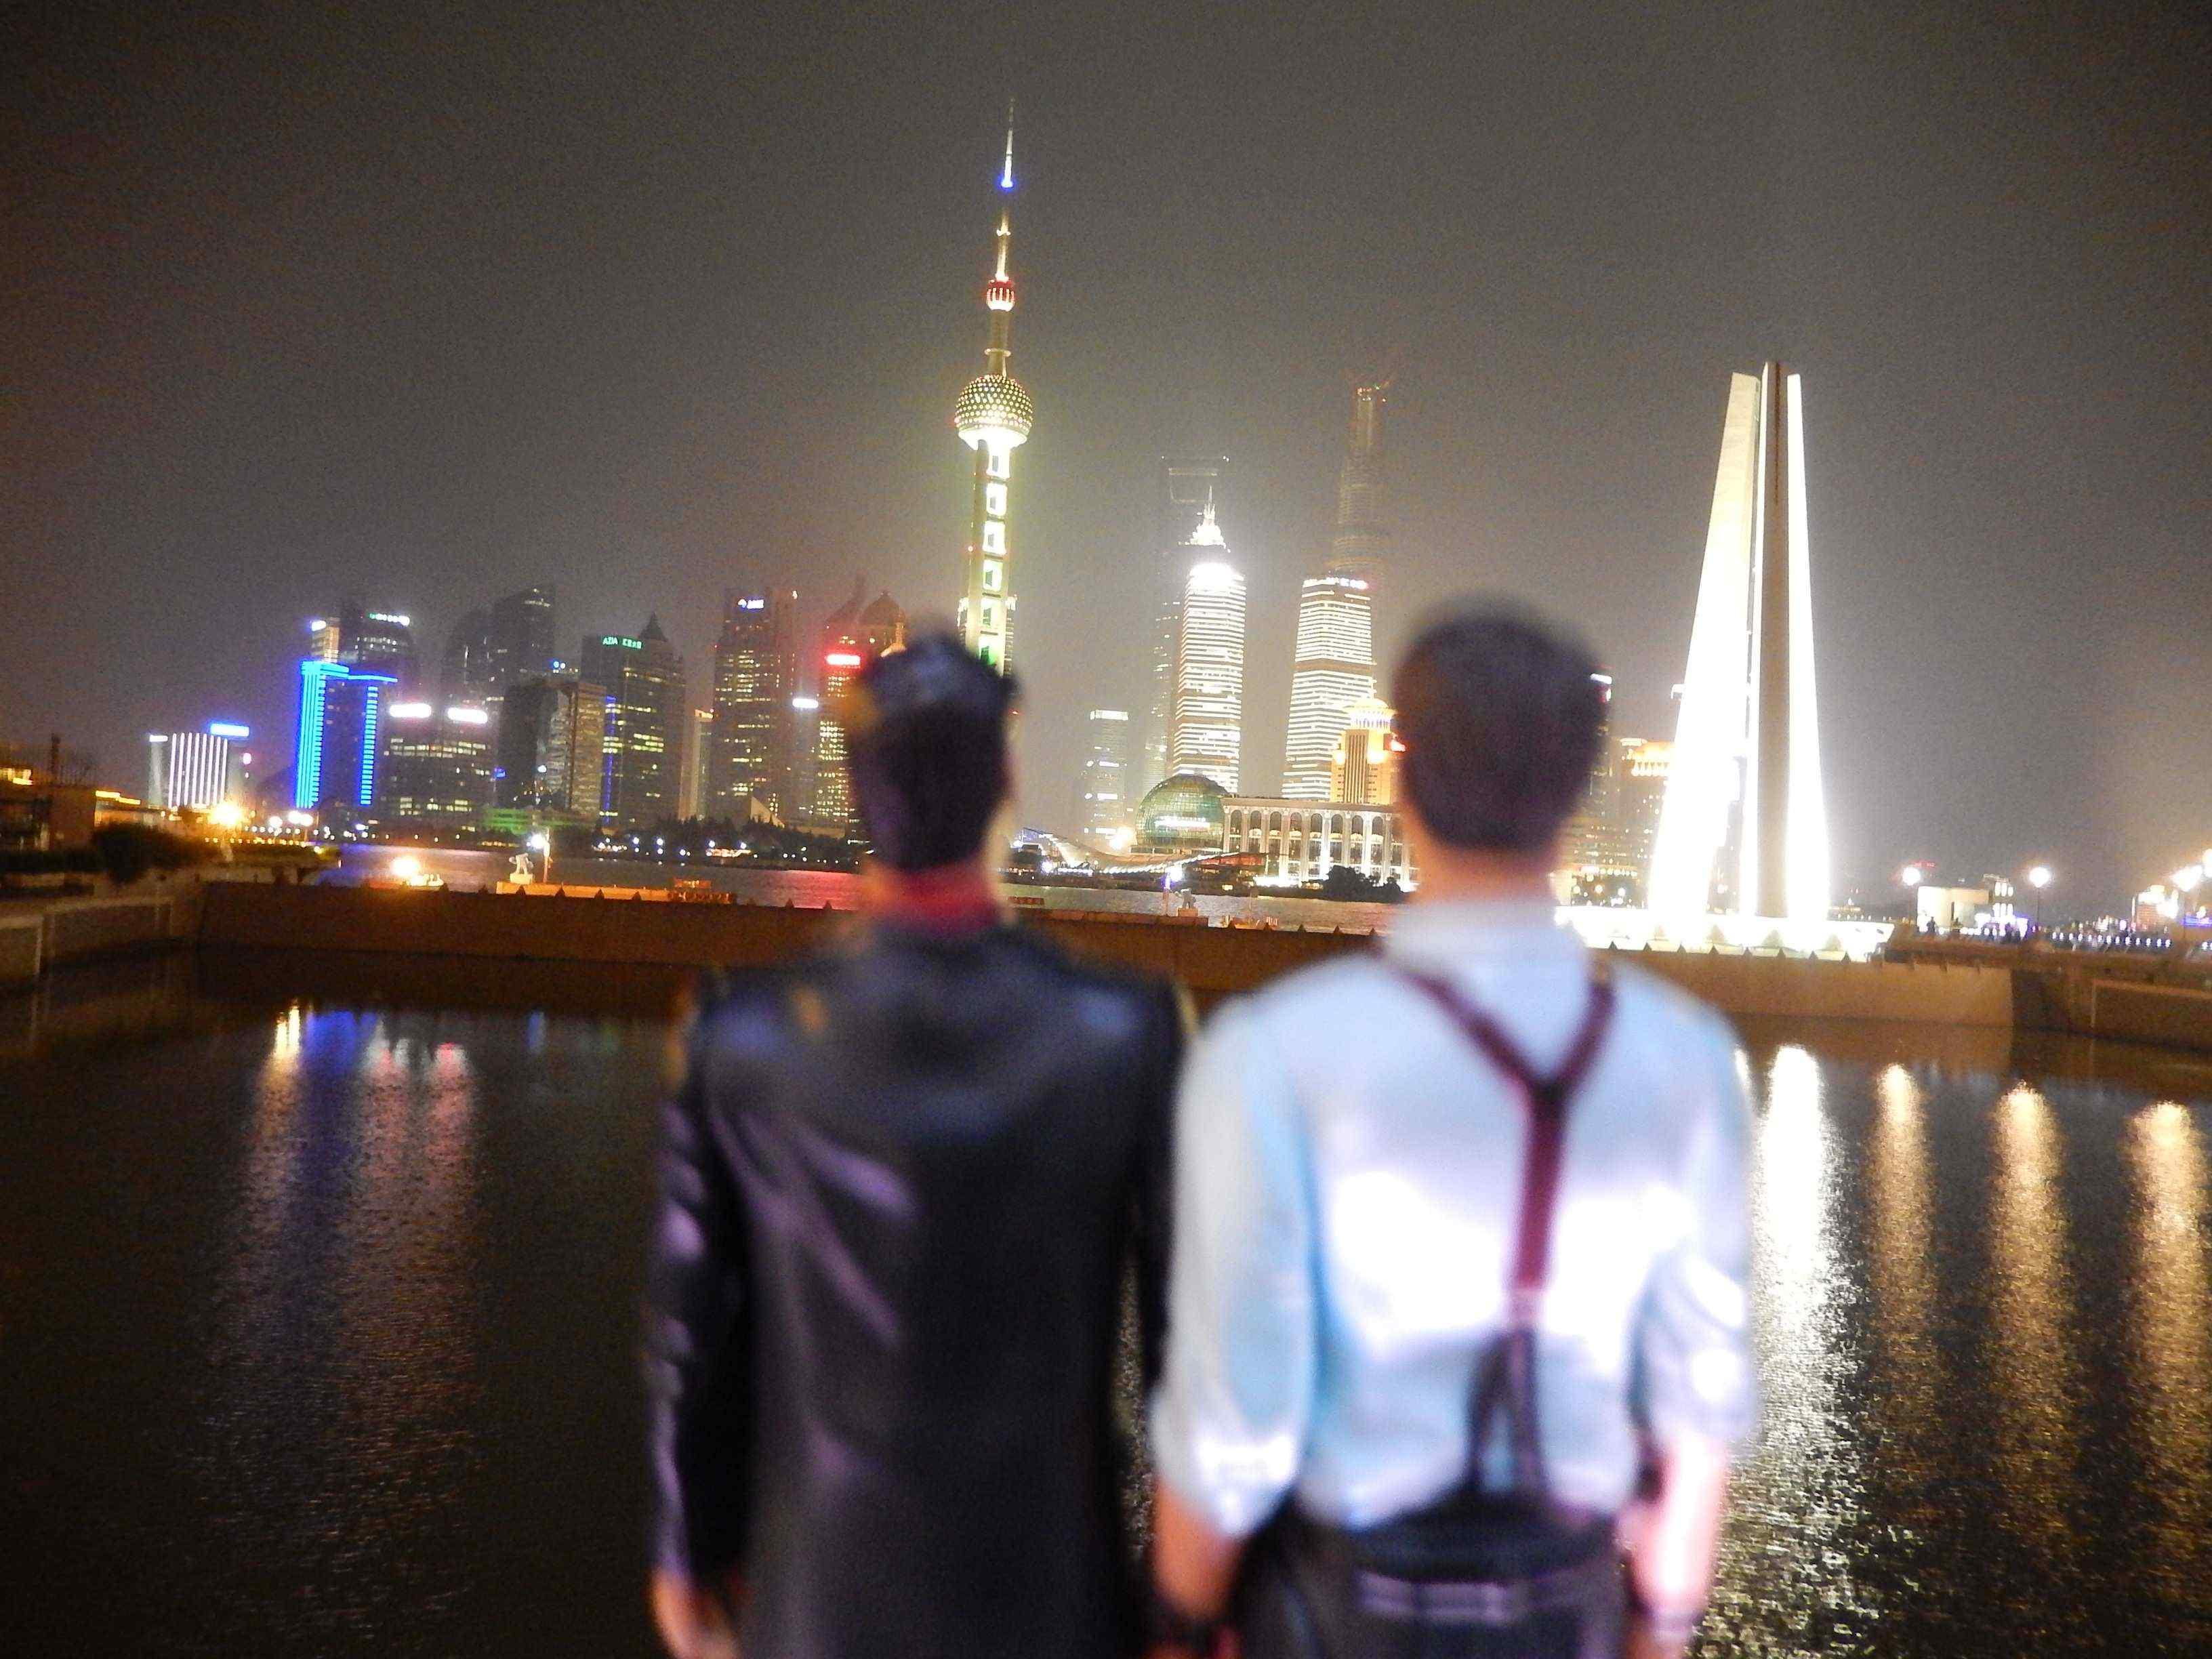 2013.06.18 - 05 - Shanghai